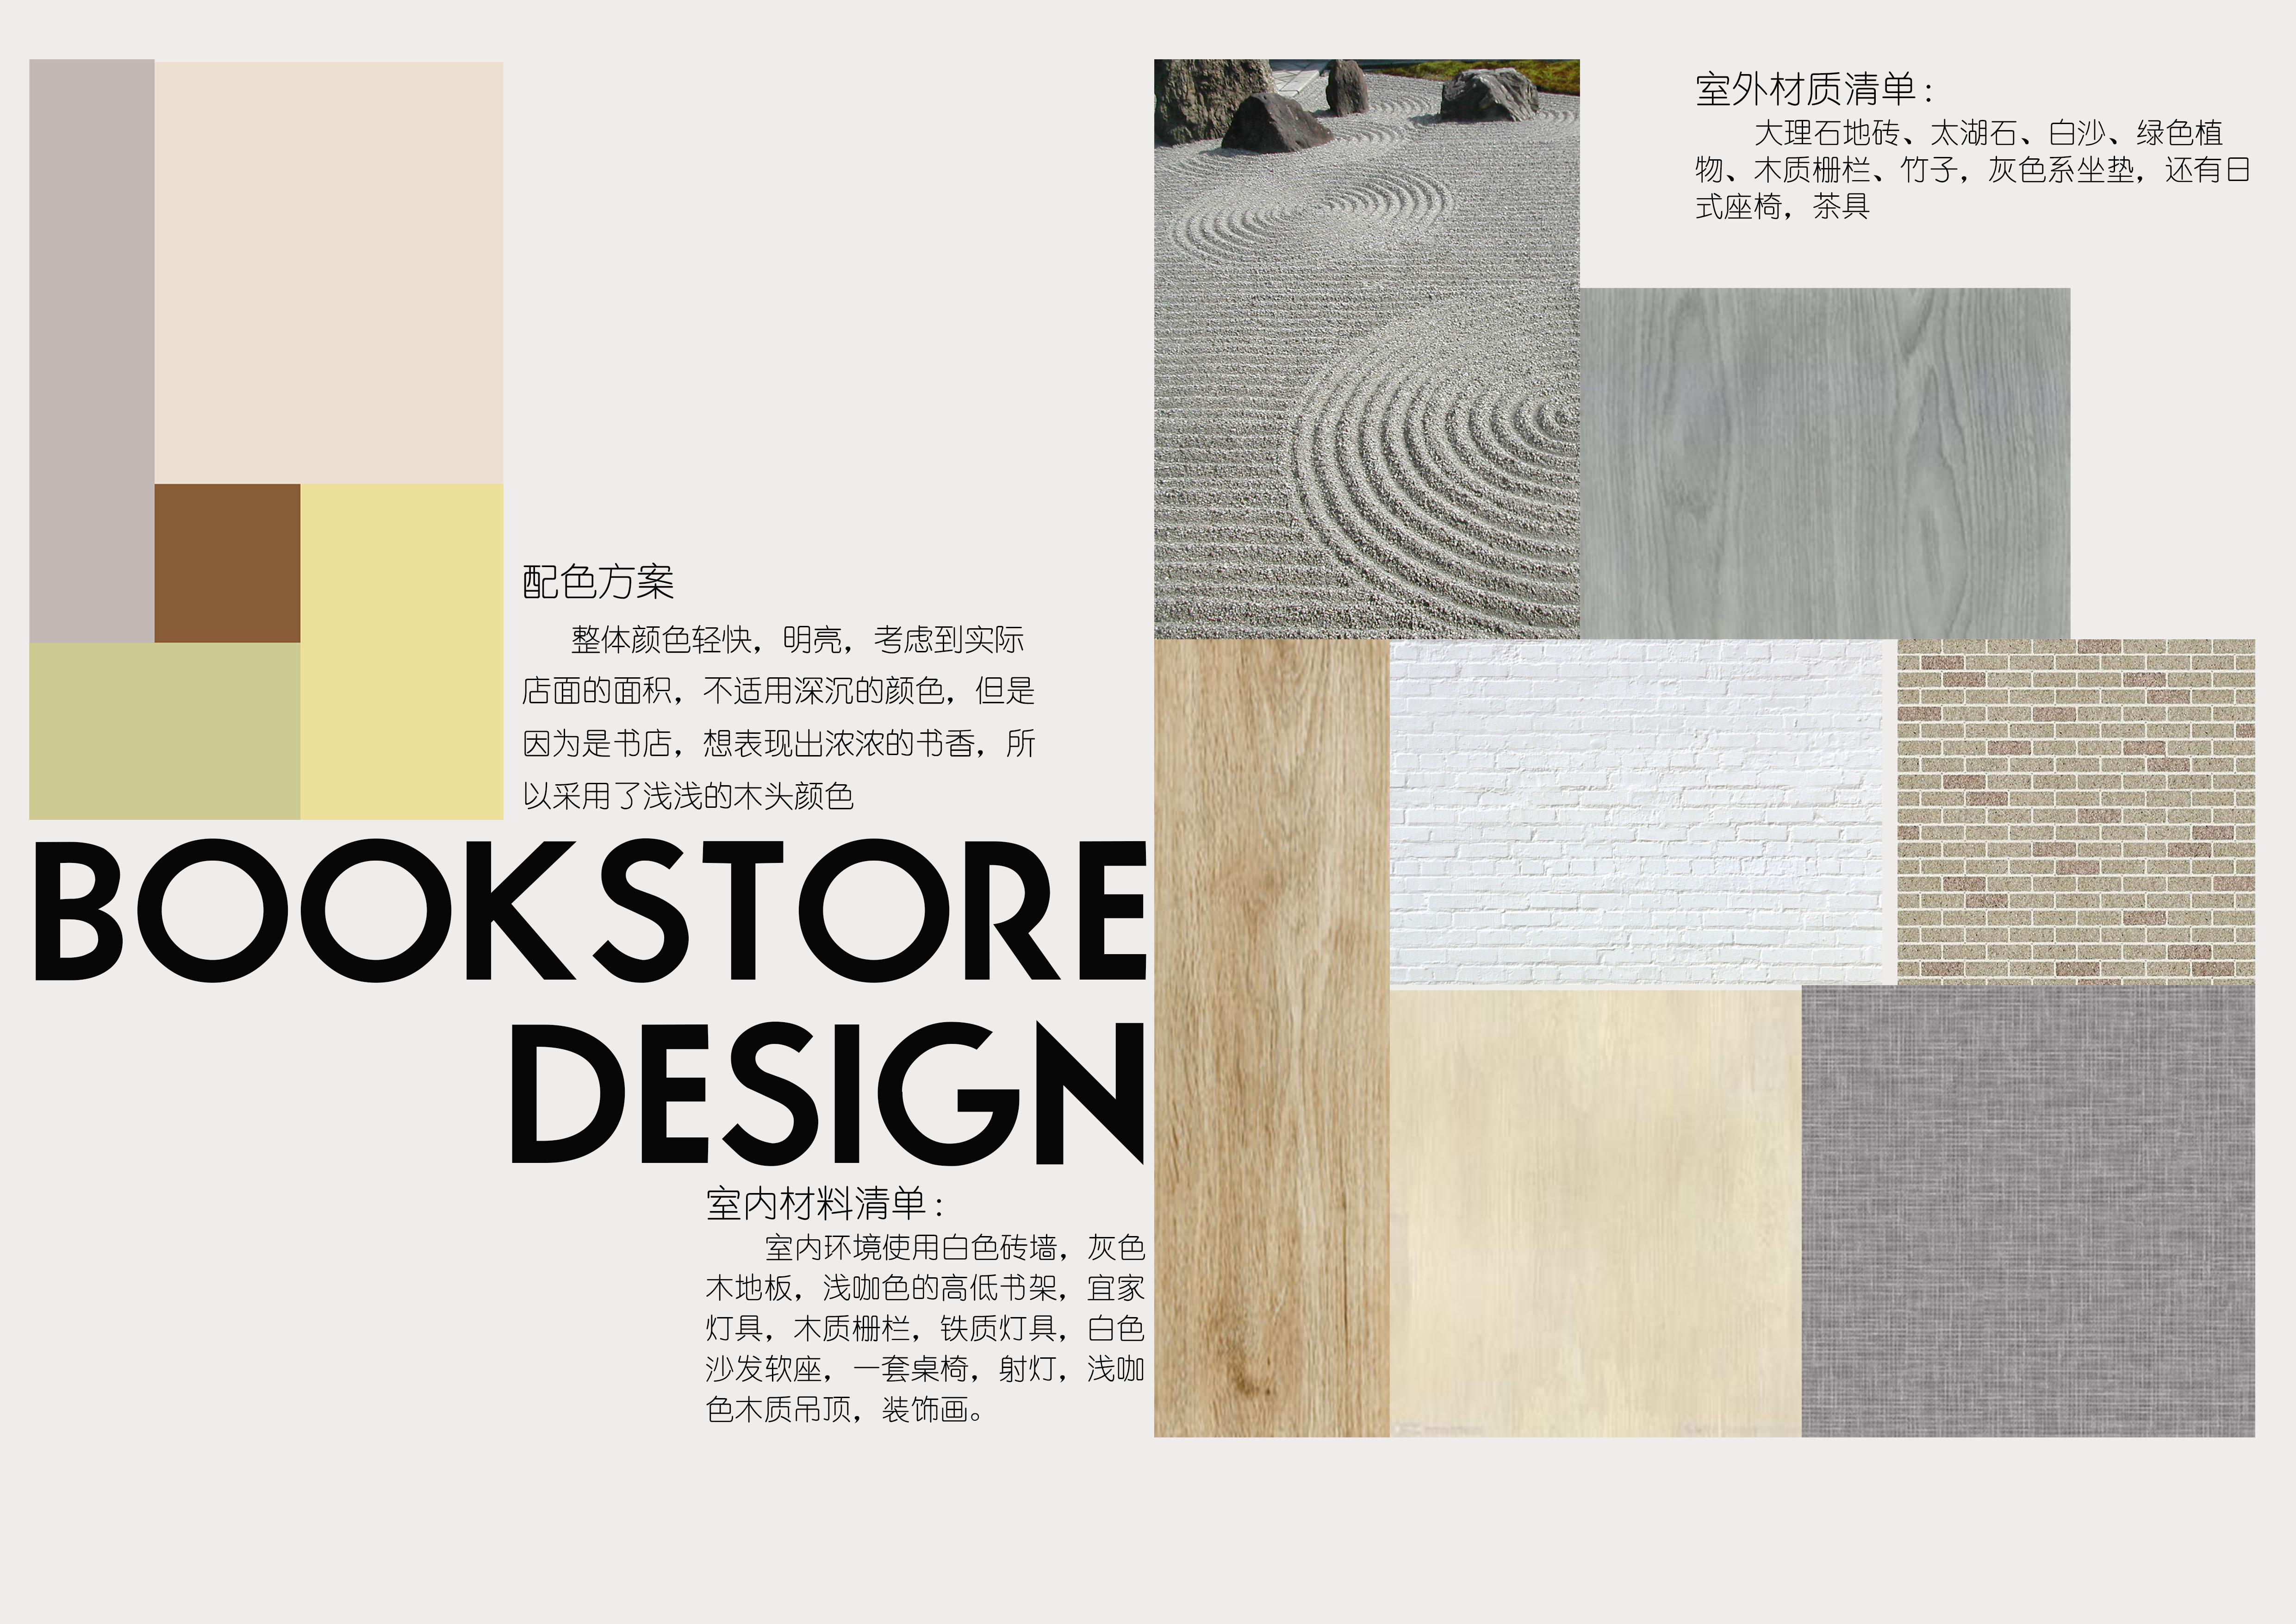 书店室内设计图片